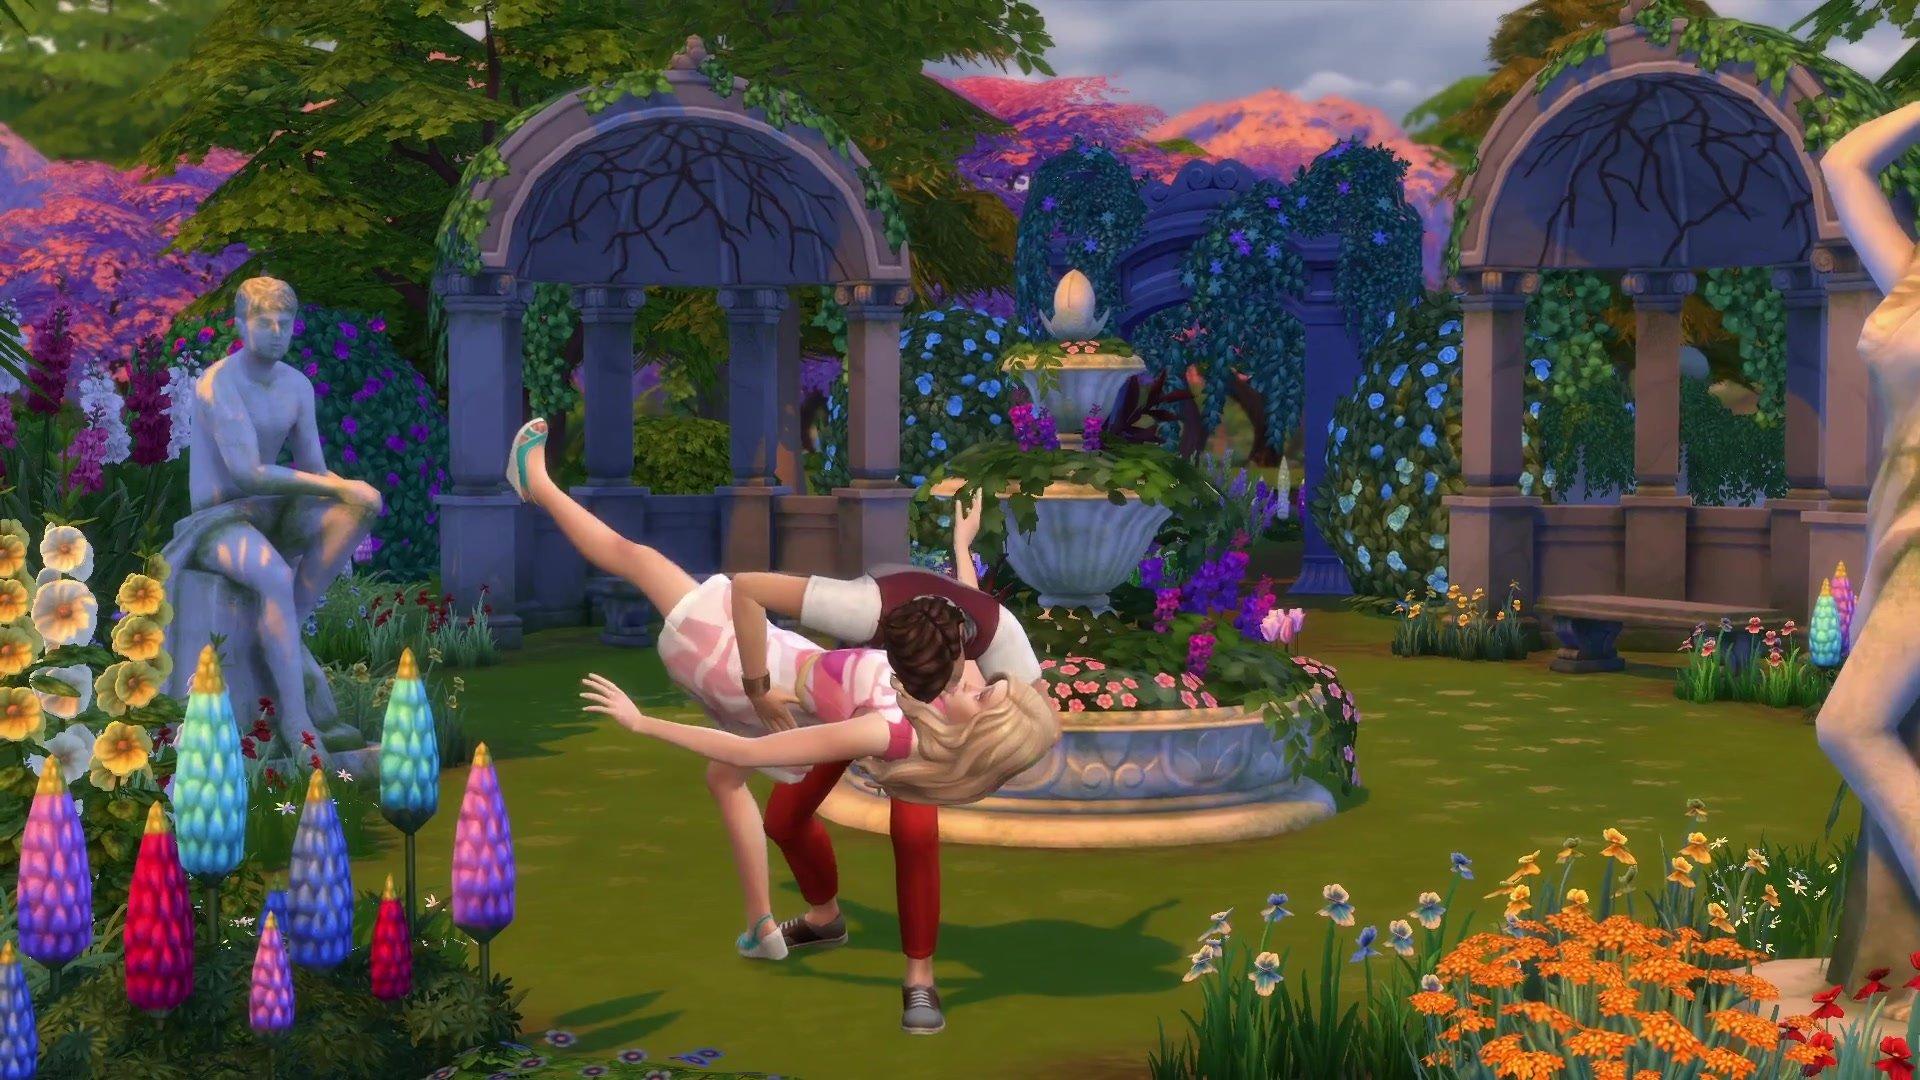 The Sims 4 Romantická zahrada 4